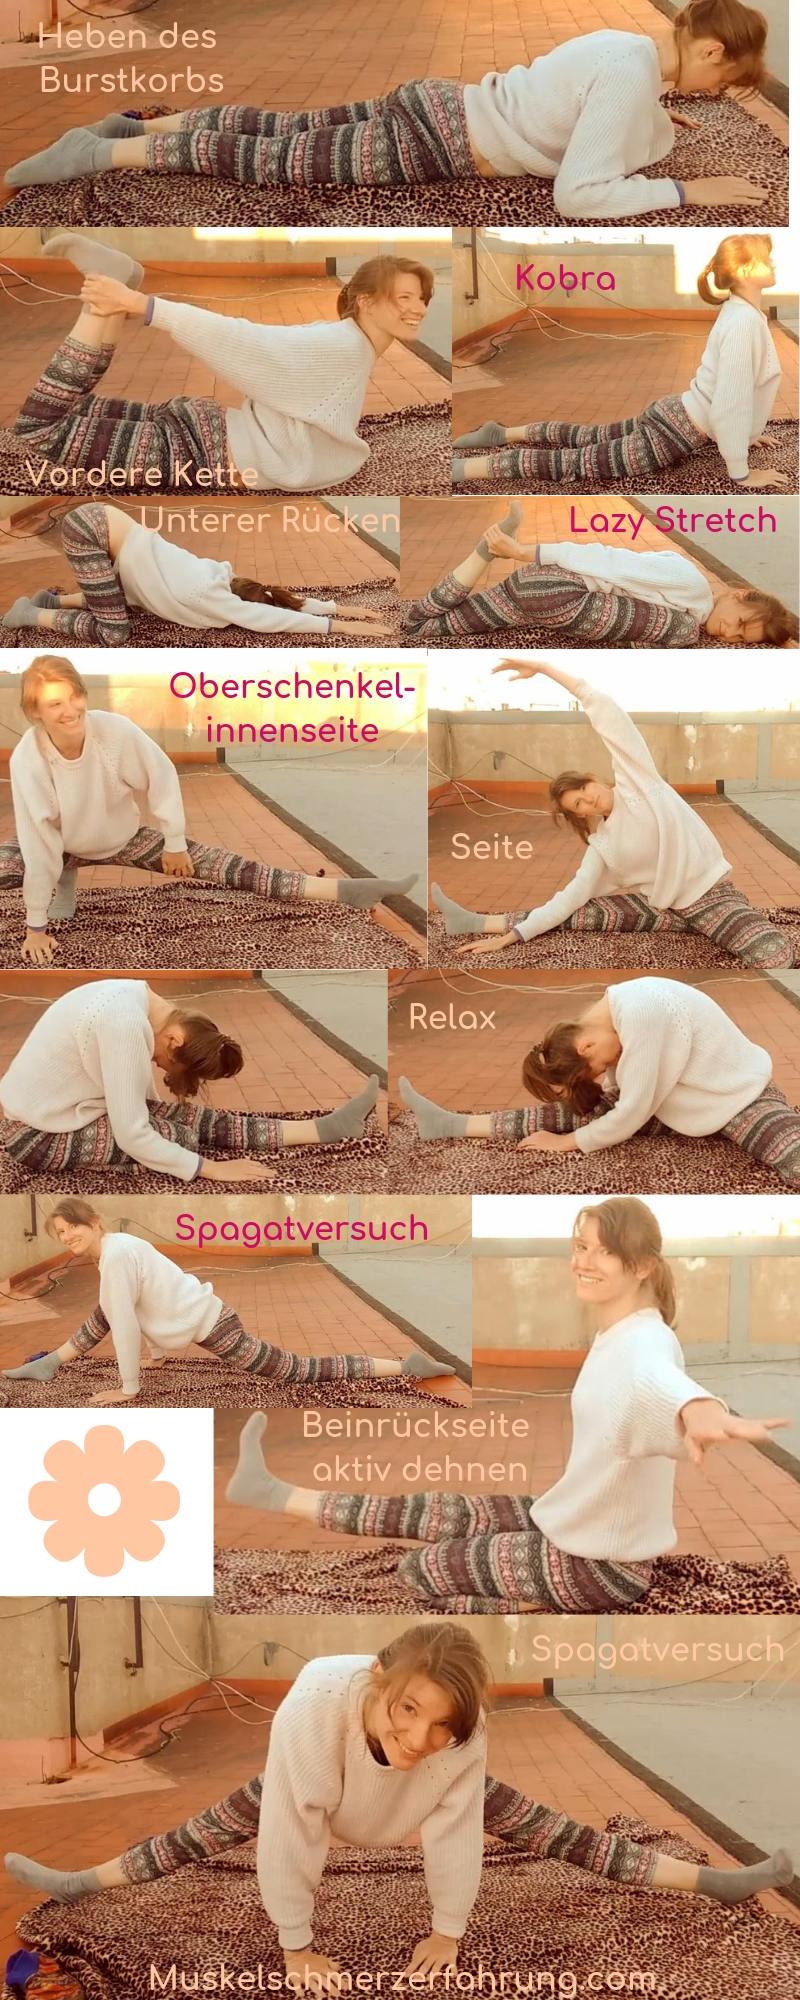 Stretch Infografik Spagat, Heben des Brustkorbs, vordere Kette, unterer Rücken, Beininnenseite Muskelschmerzerfahrung